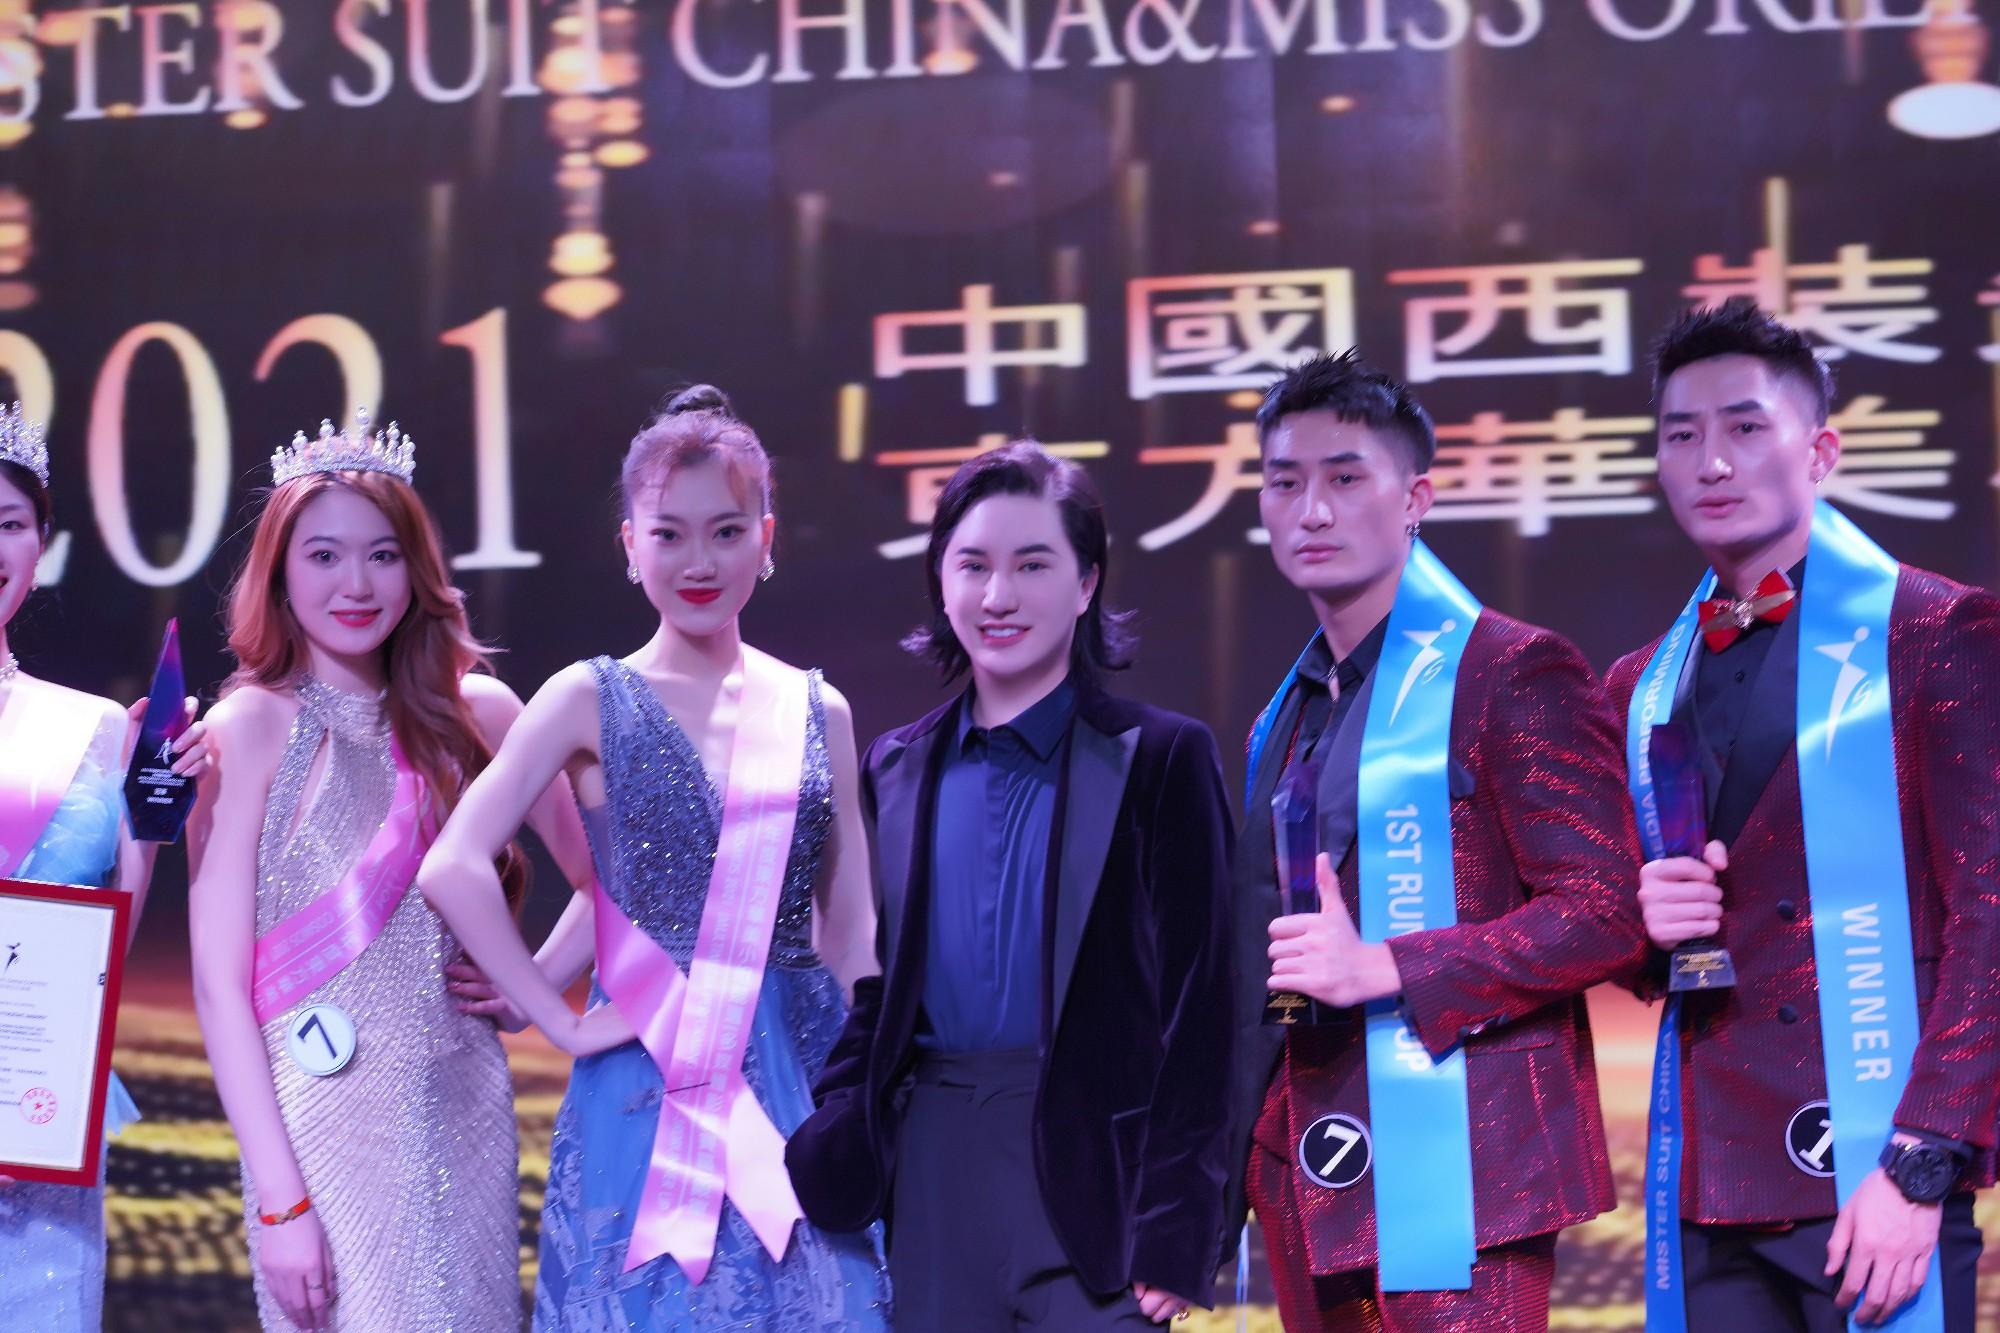 活氣麗创始人郑善方担任2021中国西装先生东方华美小姐分赛区评委